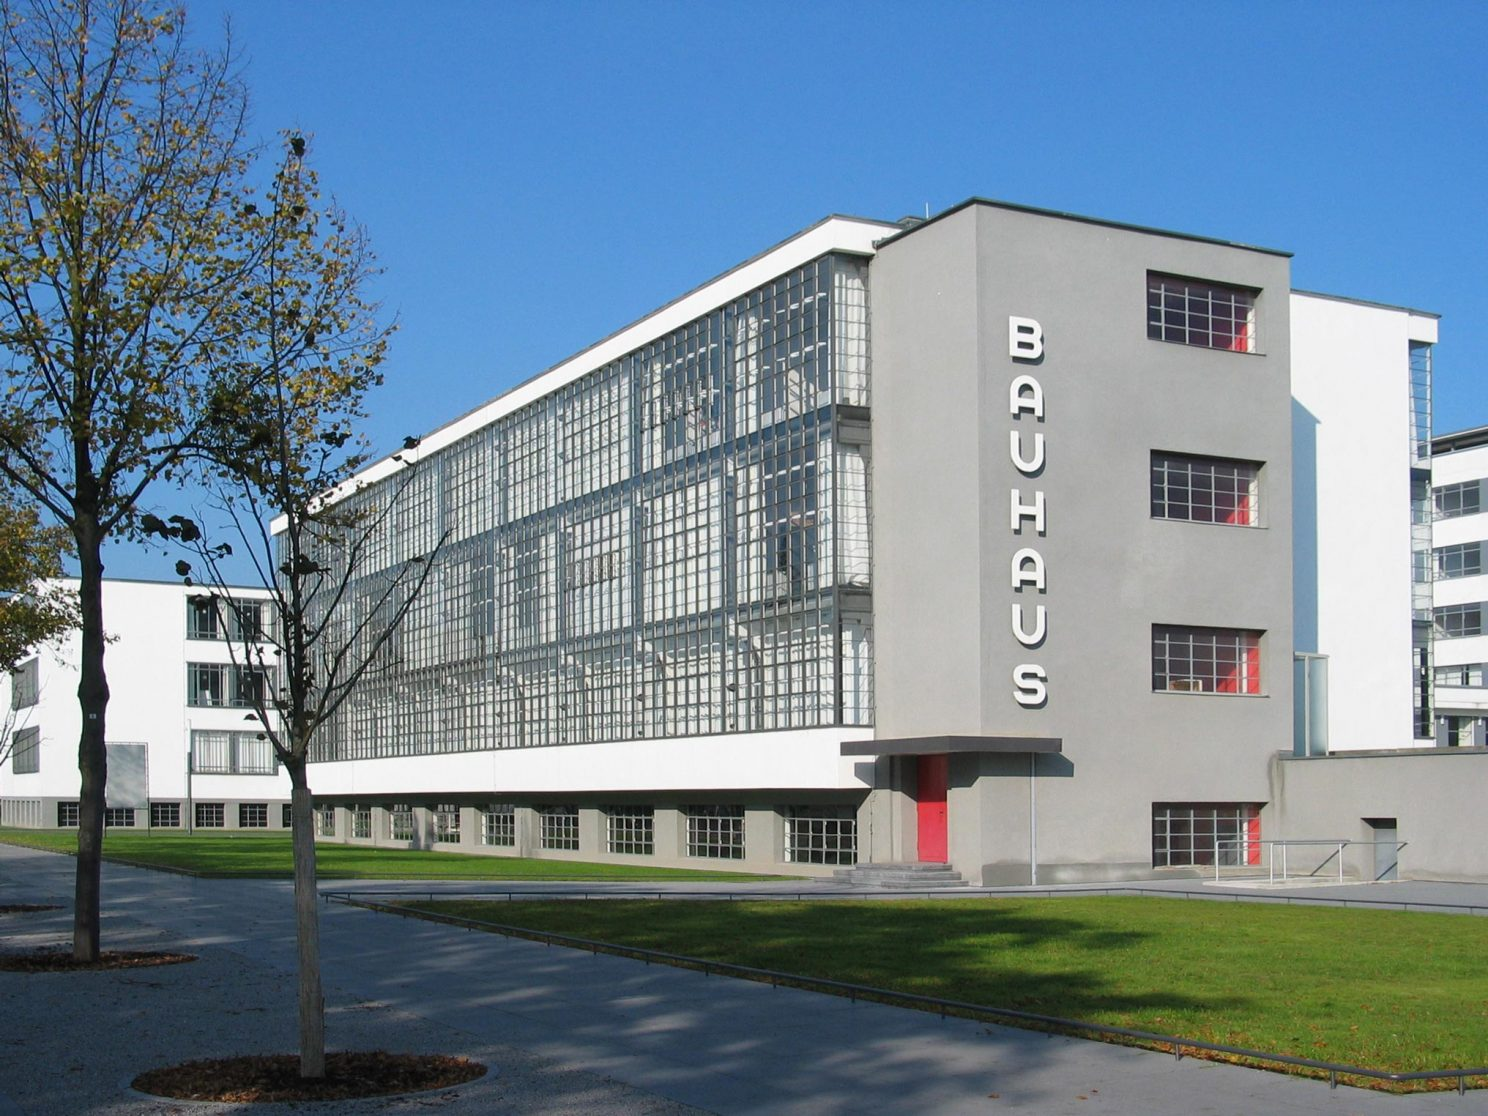 Bauhaus Dessau Brenne Architekten